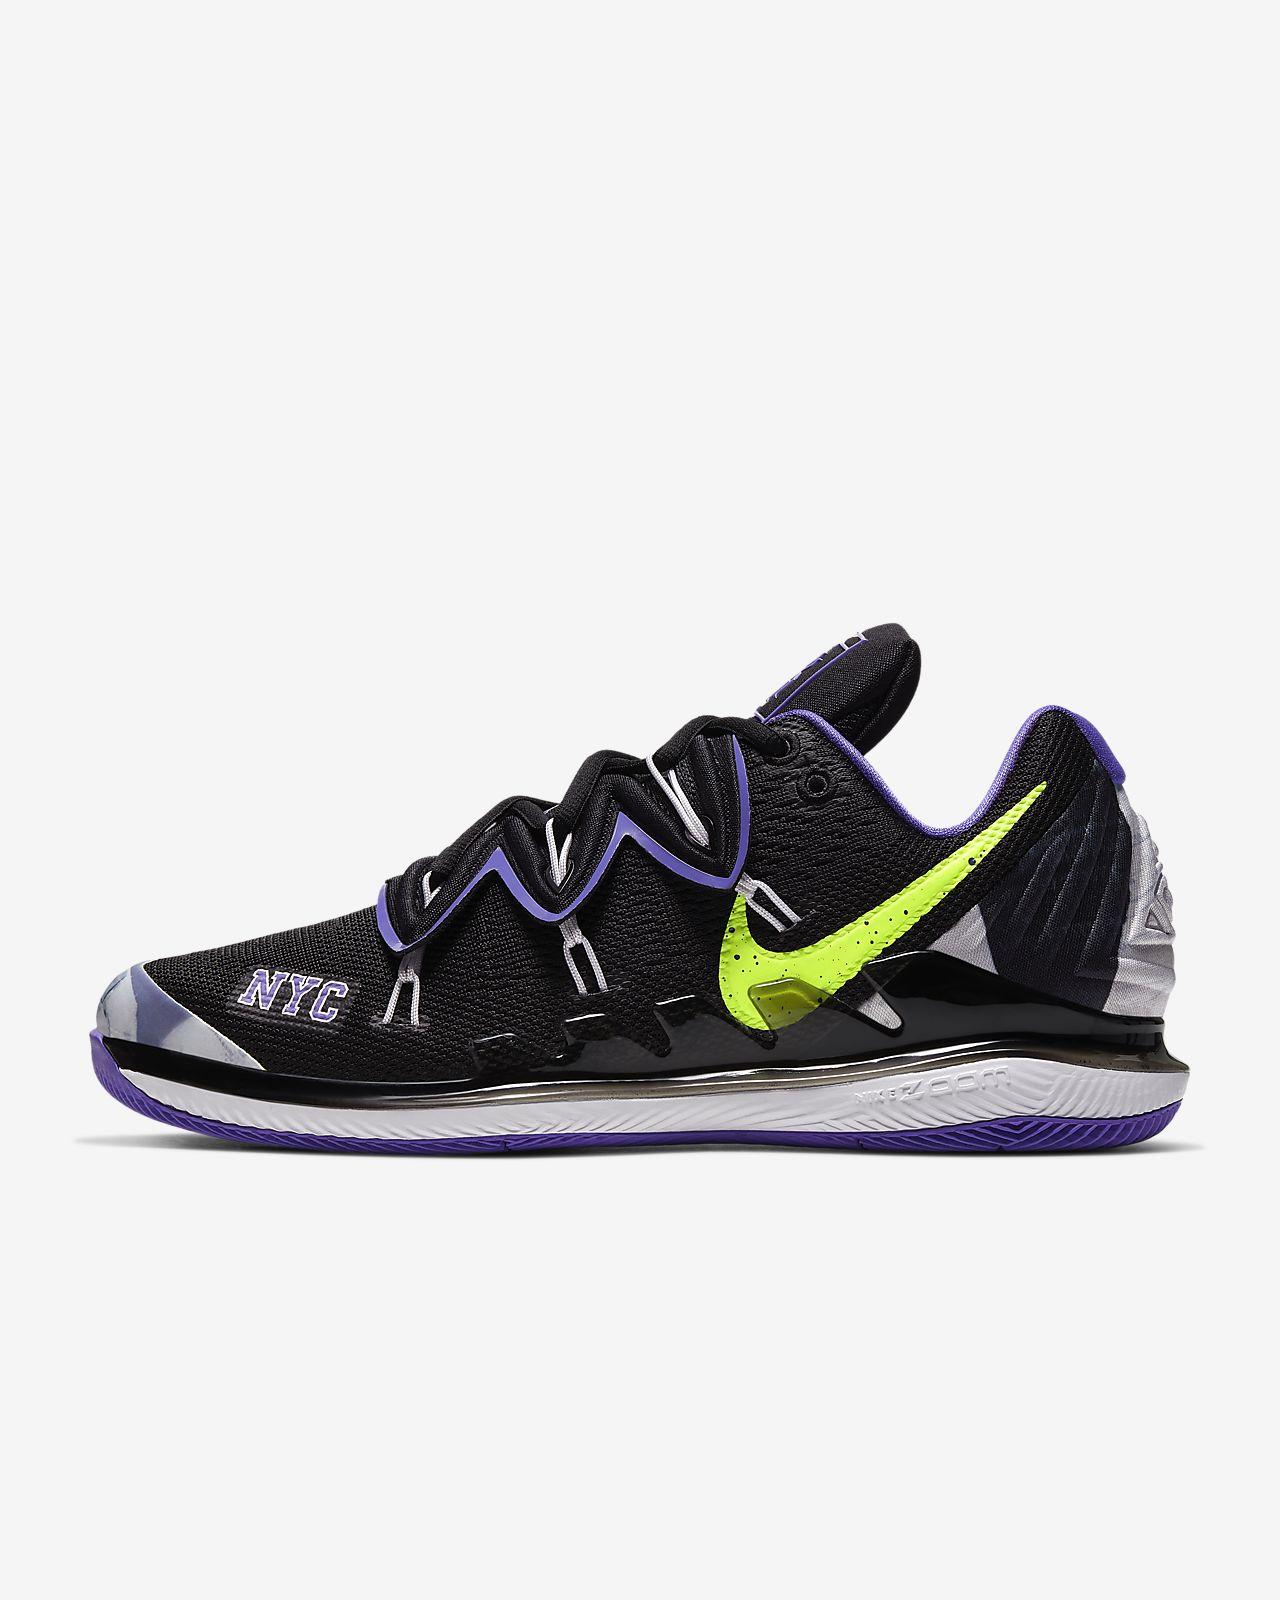 comprar auténtico tecnologías sofisticadas valor por dinero NikeCourt Air Zoom Vapor X Kyrie 5 Zapatillas de tenis de pista rápida -  Hombre